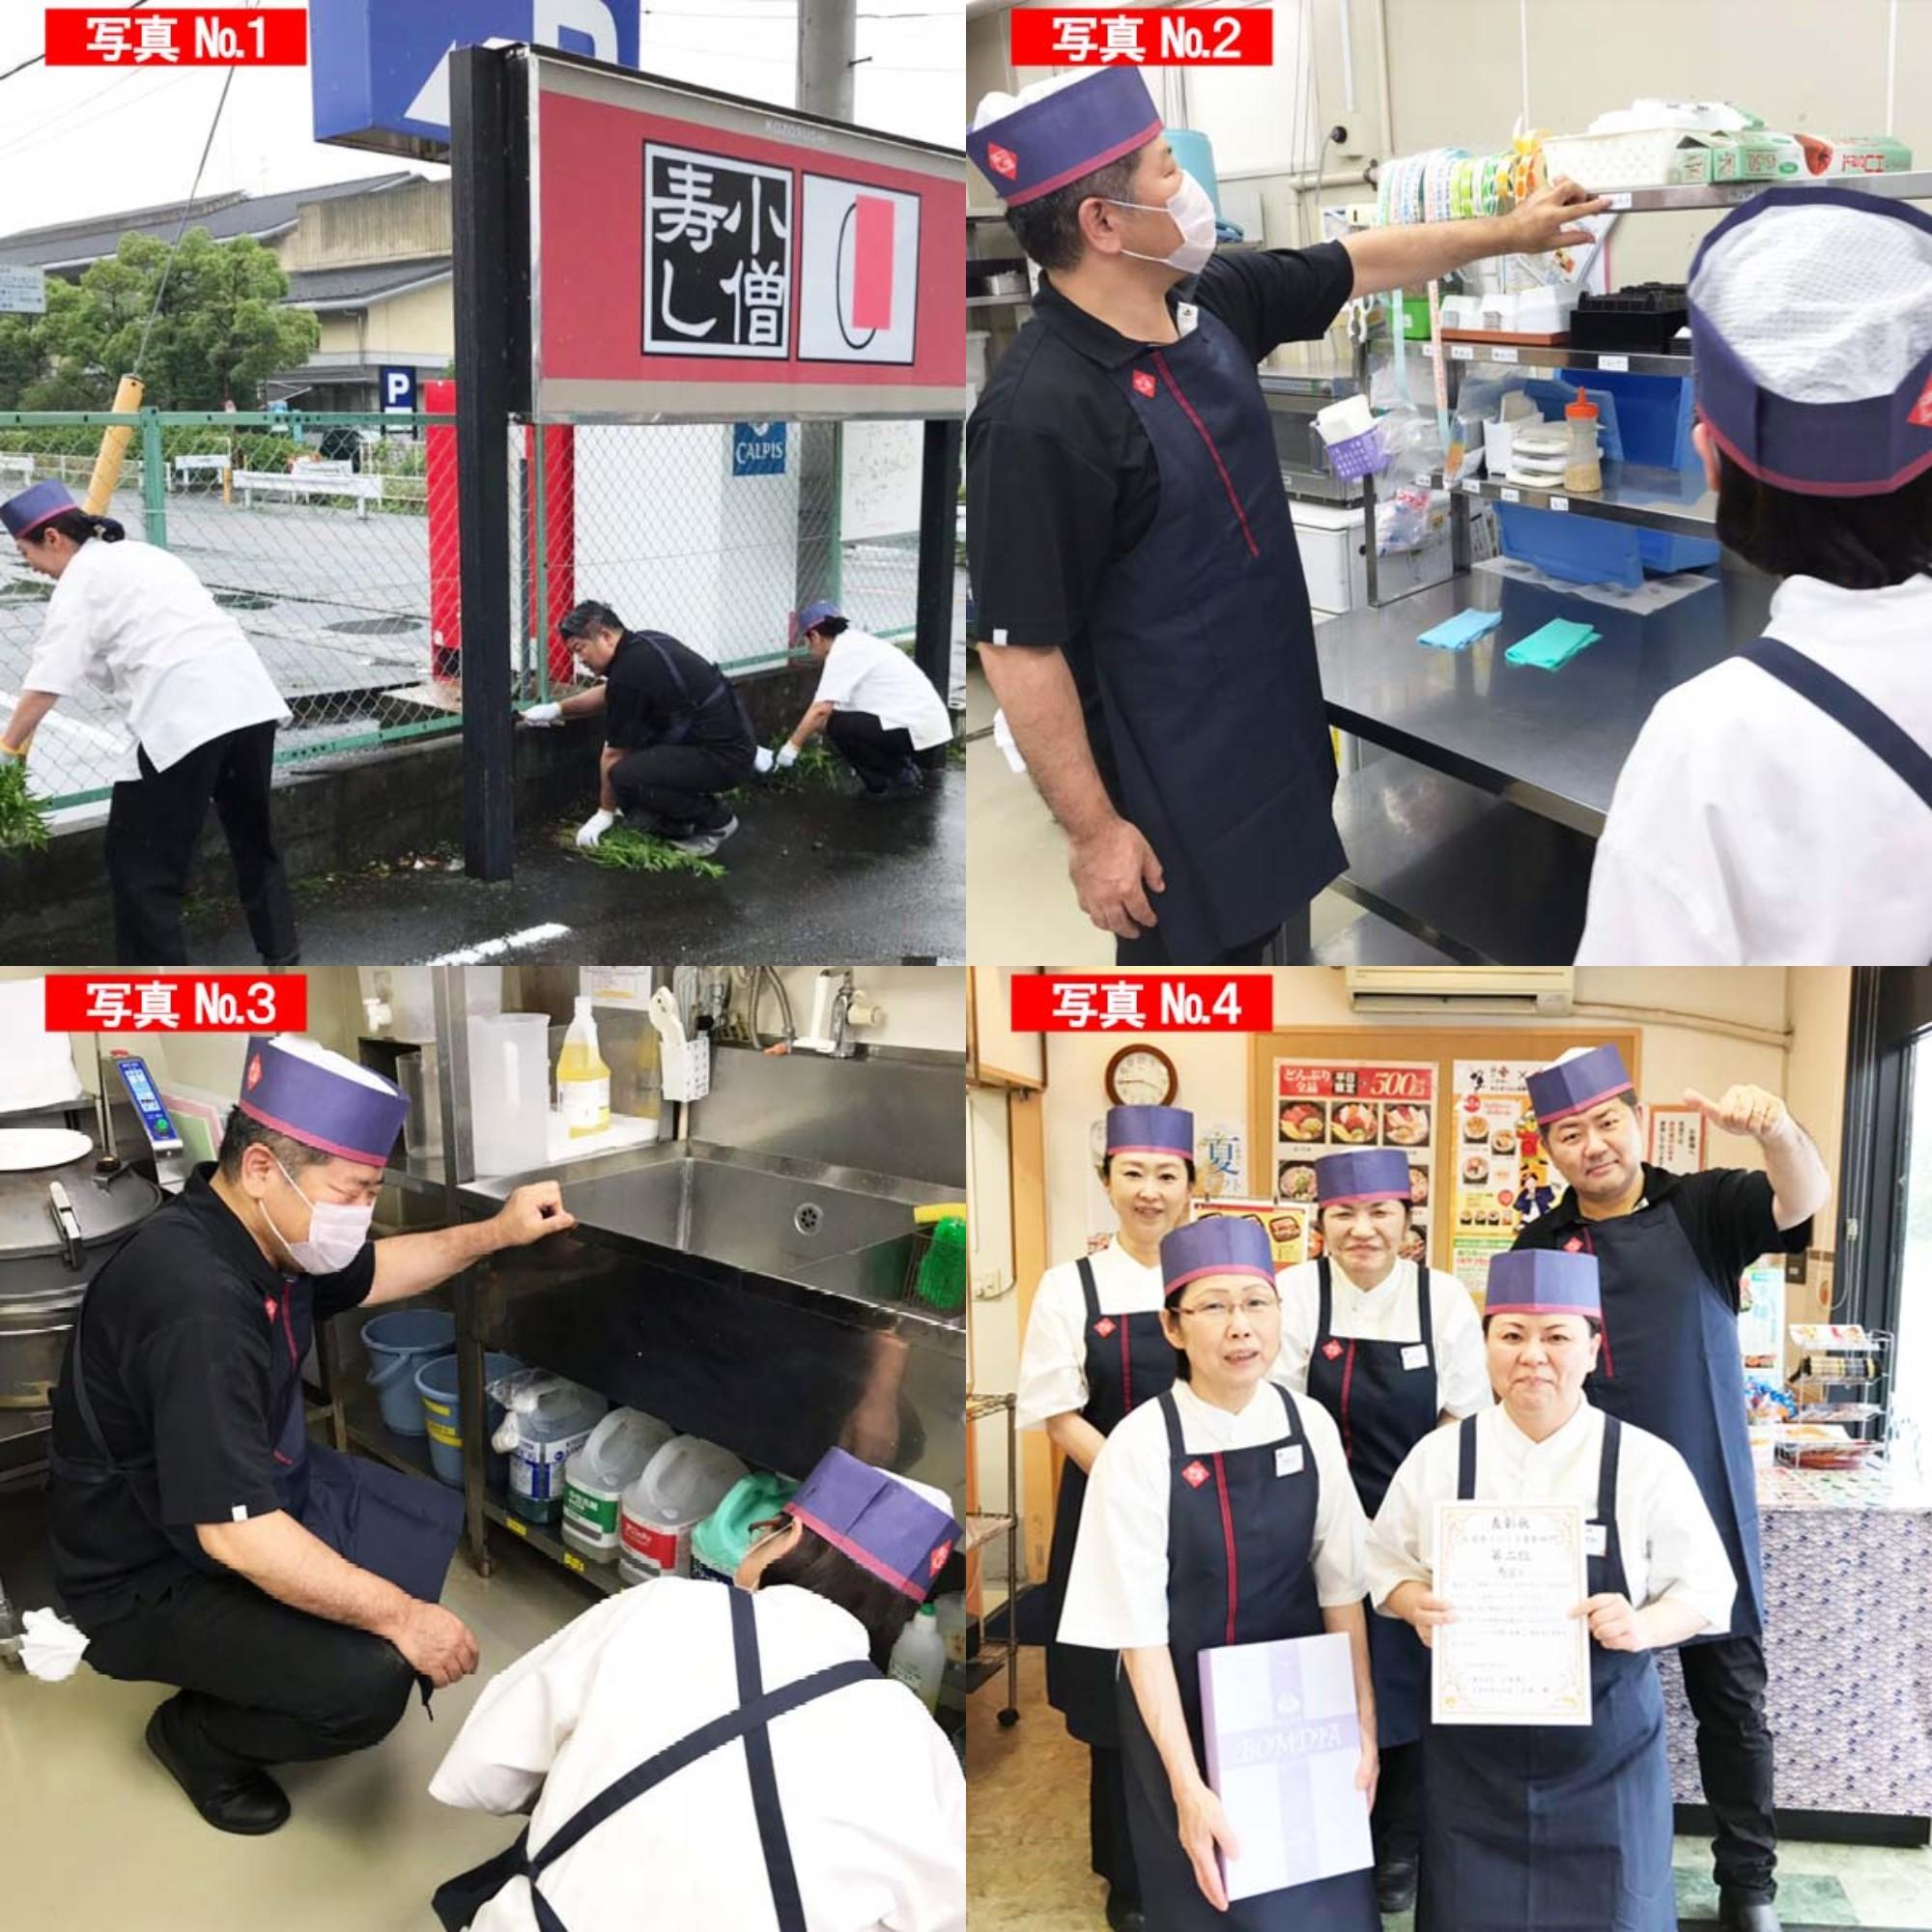 小僧寿し 代表・小林剛のピカピカ5S活動レポート Vol.1